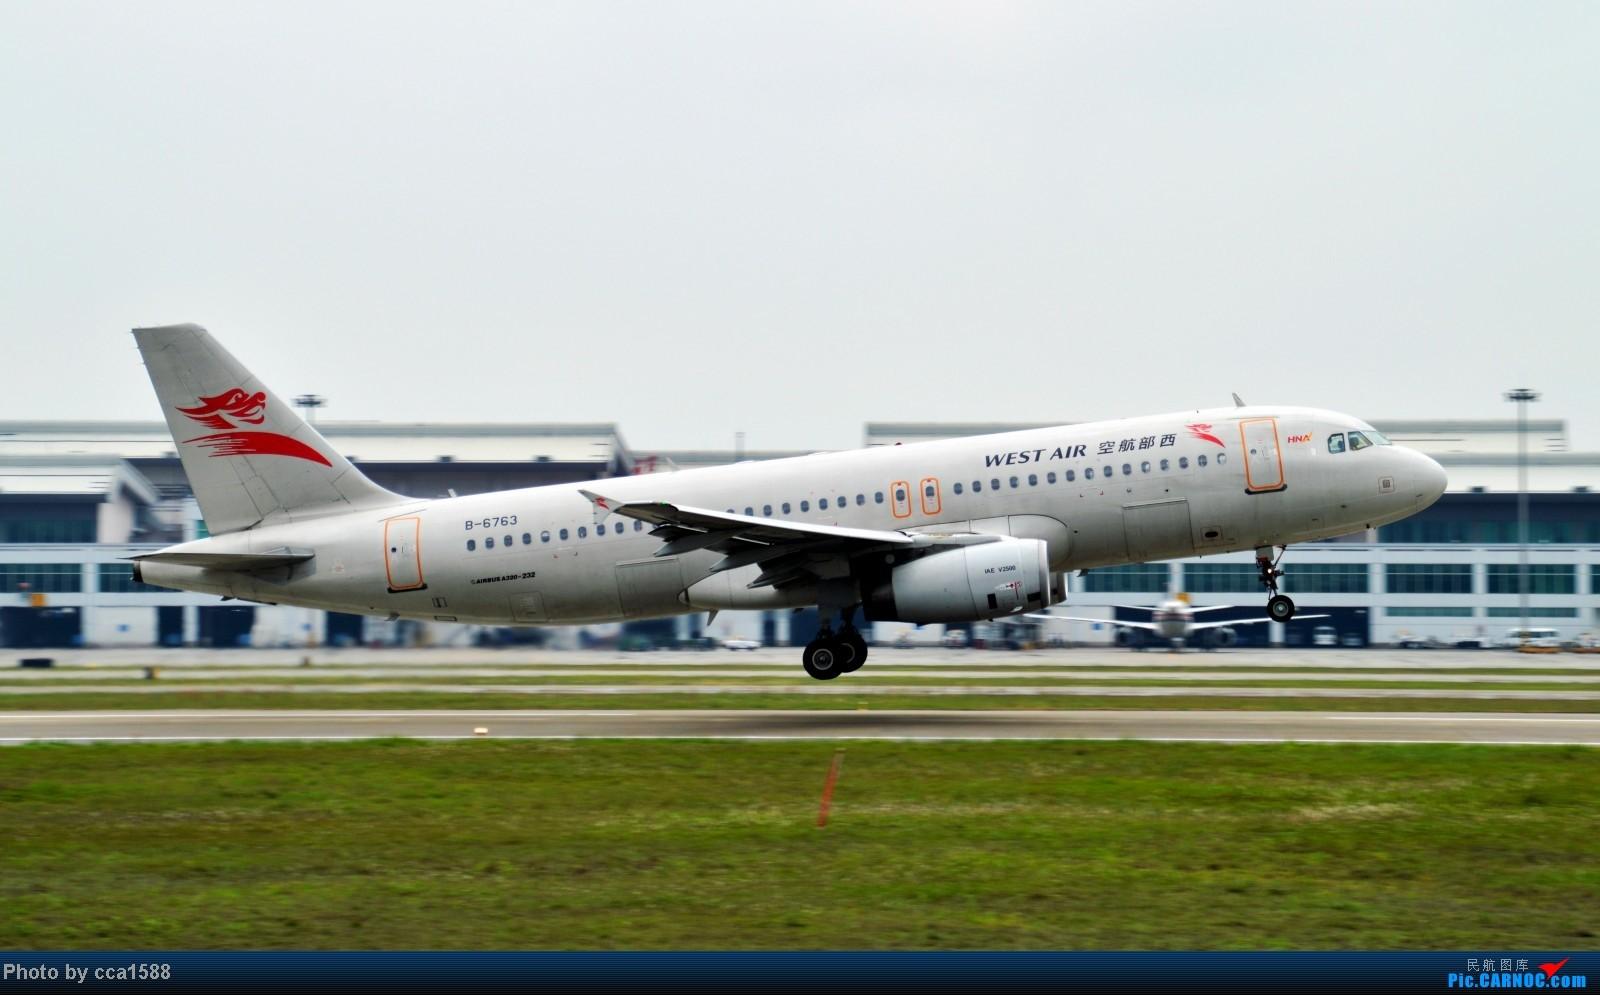 Re:[原创]4.26FOC拍机--烂天出好机,各种奇葩货~~ AIRBUS A320-200 B-6763 中国福州长乐机场